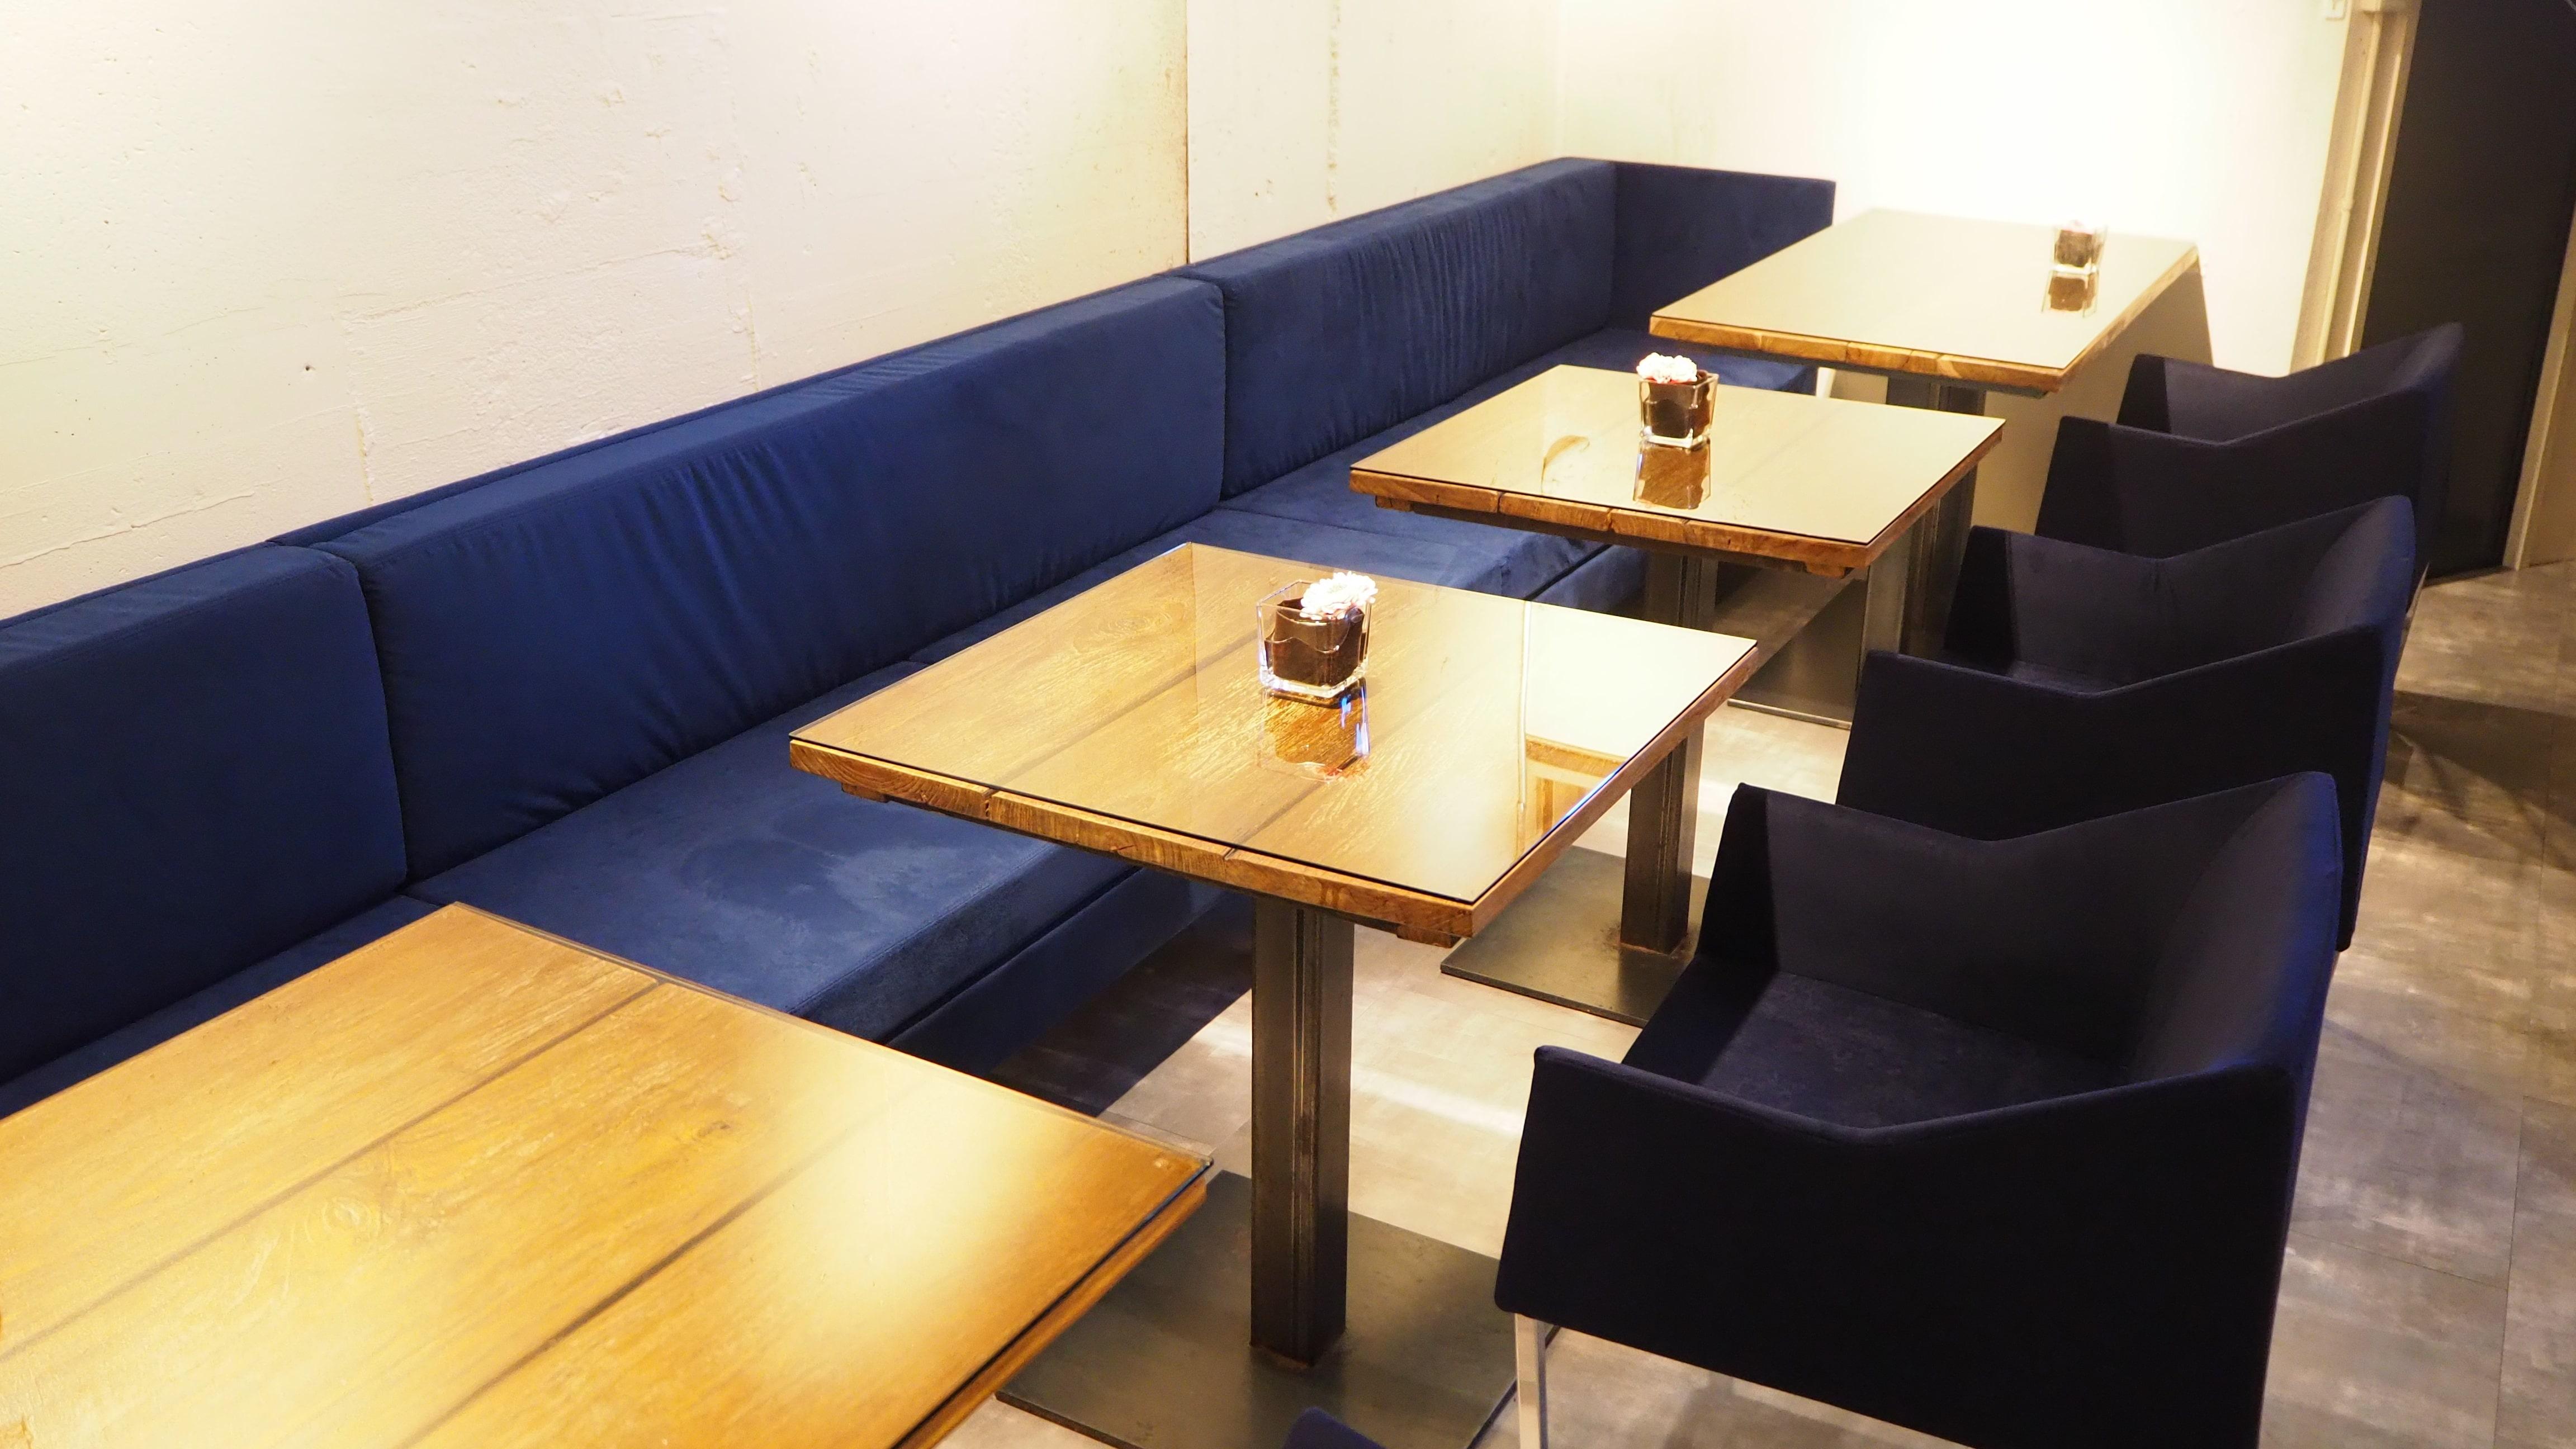 カラフルな熱帯魚があなたをお出迎え! カフェ「Cala Rossa」の贅沢なジェラート - P2100800 min